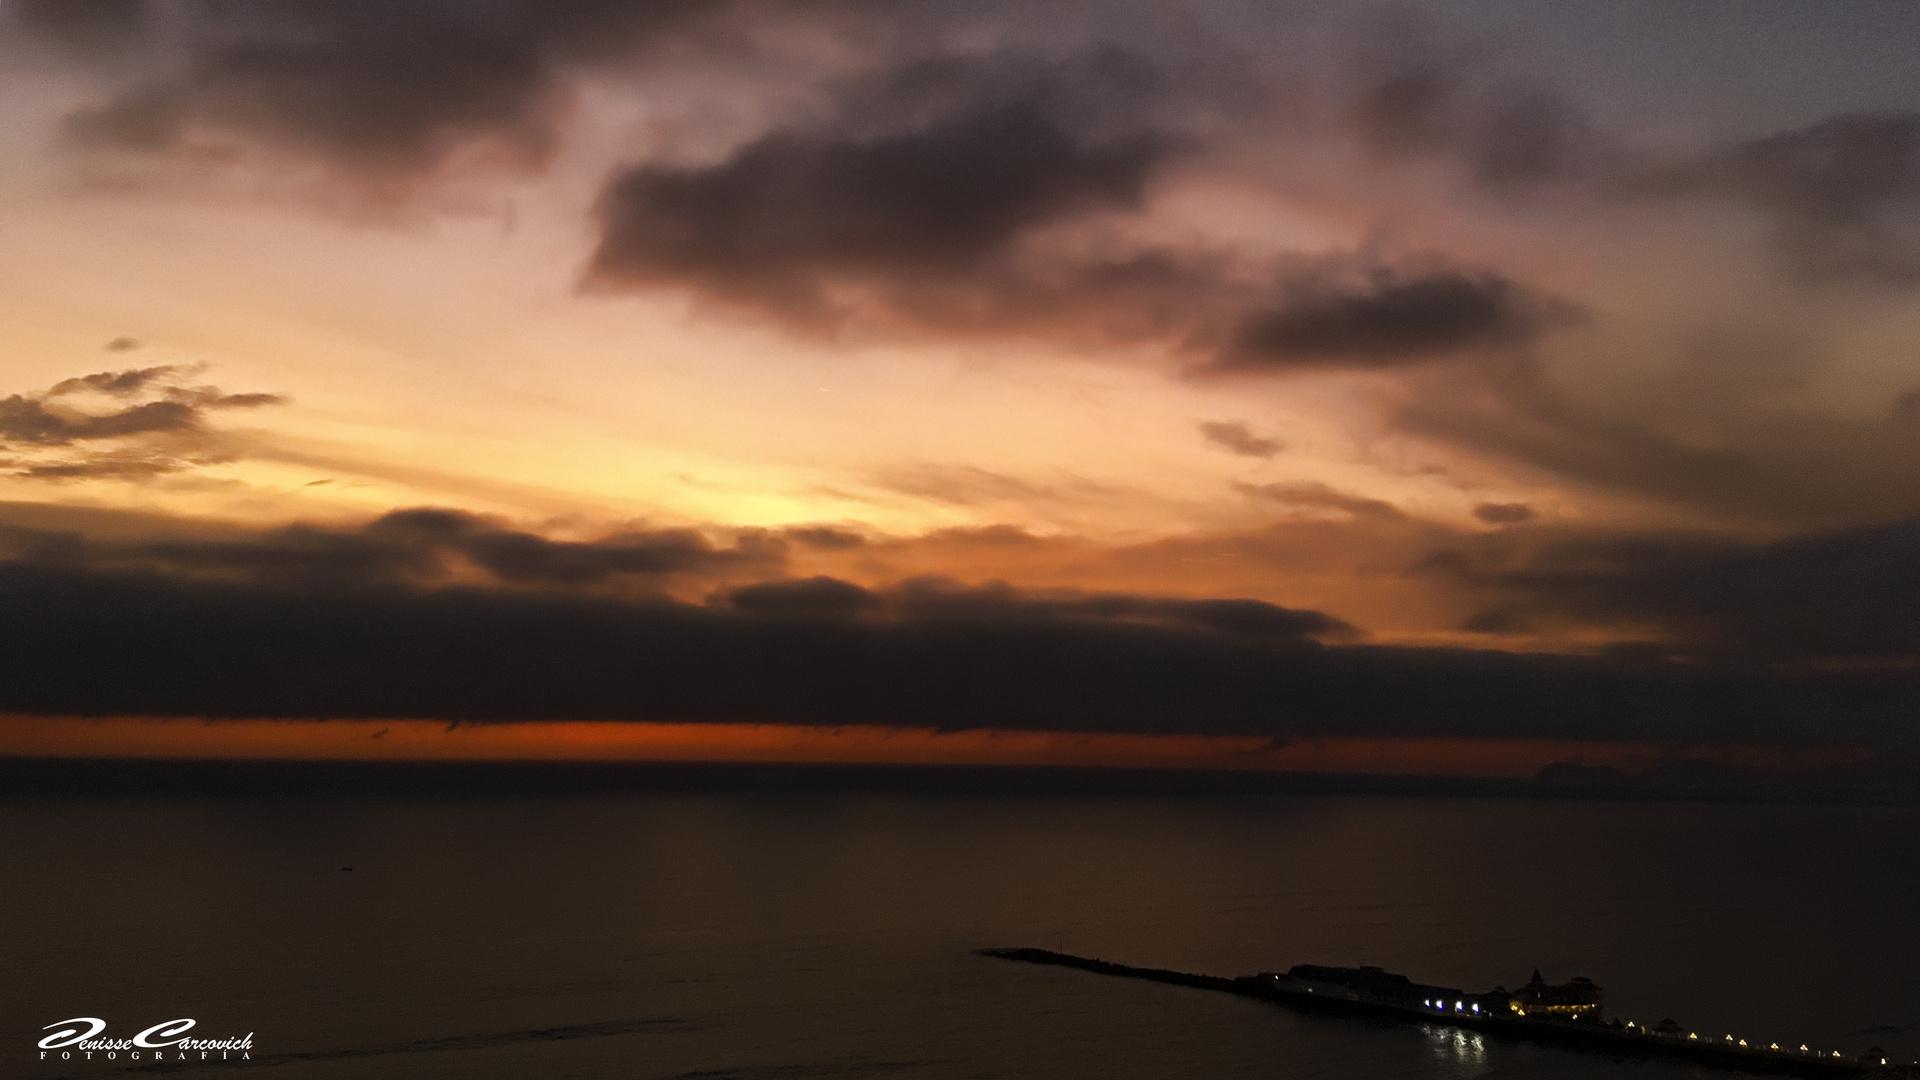 Sunset Lima-Peru